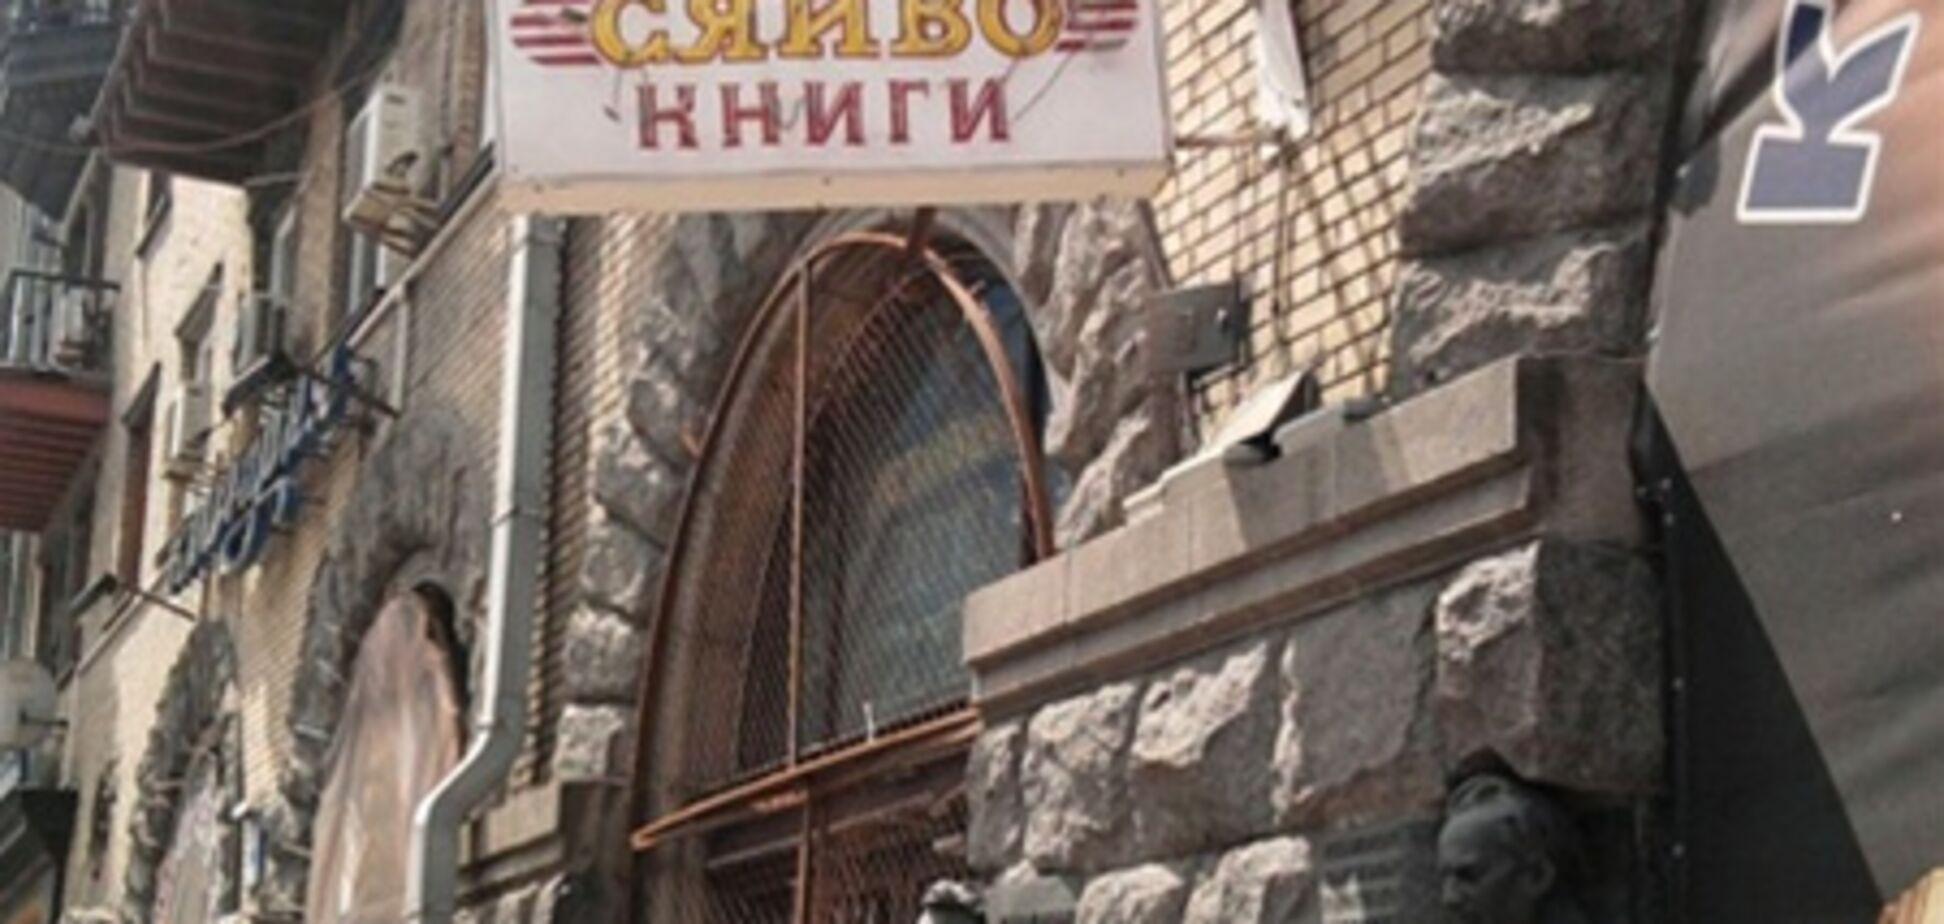 Захватчики магазина 'Сяйво' отказались выполнять решение суда